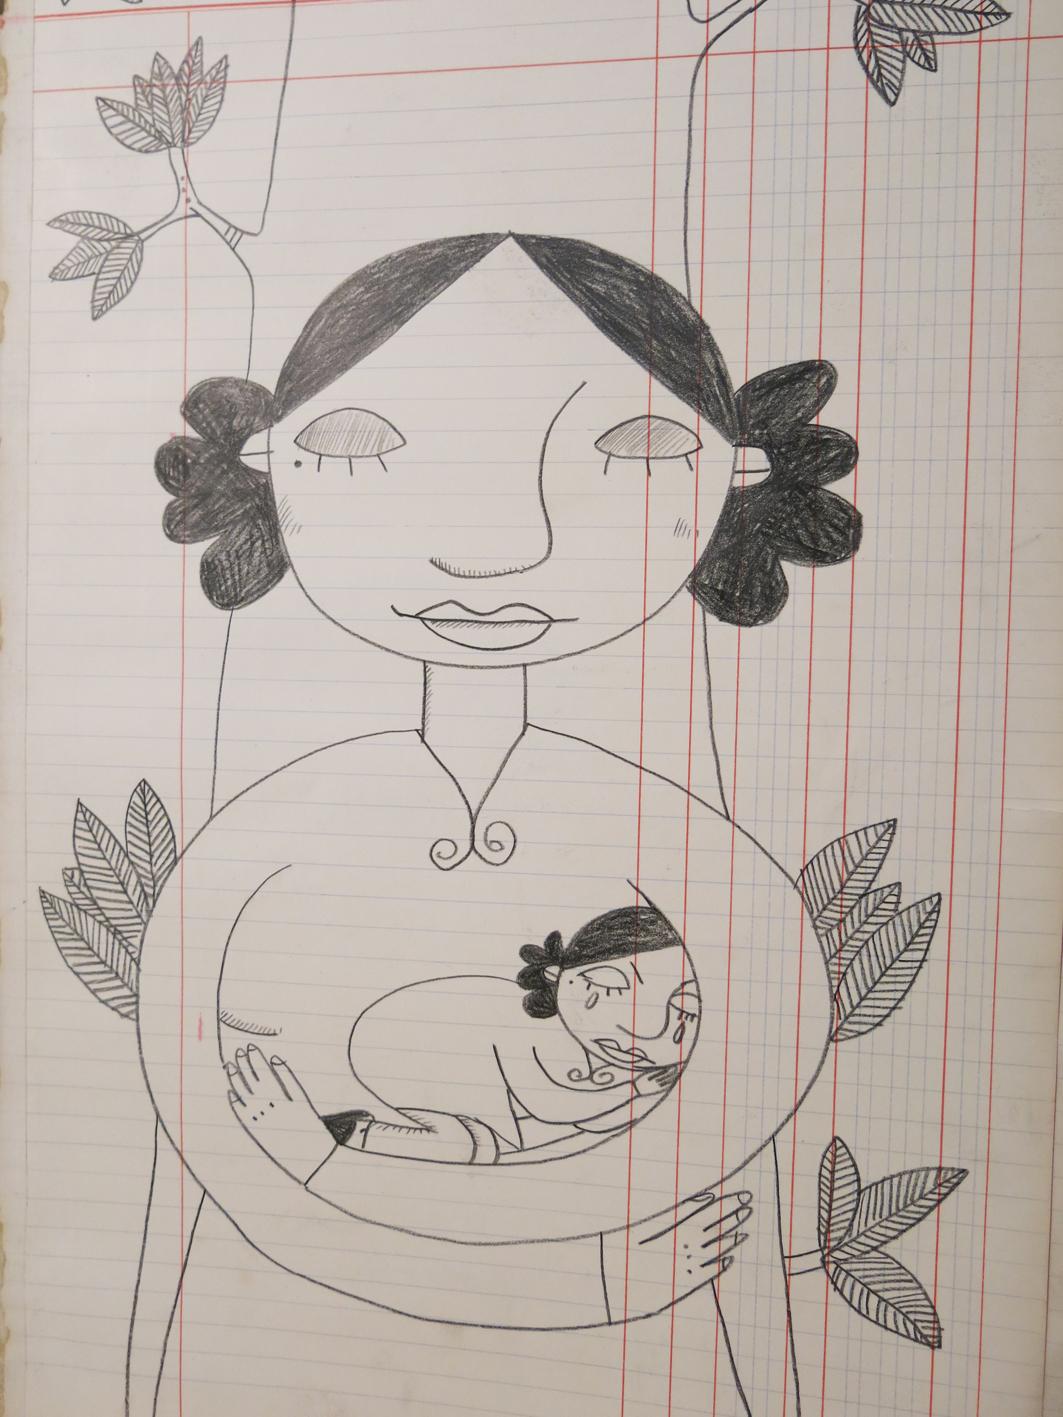 dessinoriginal1W-1467729812.jpg